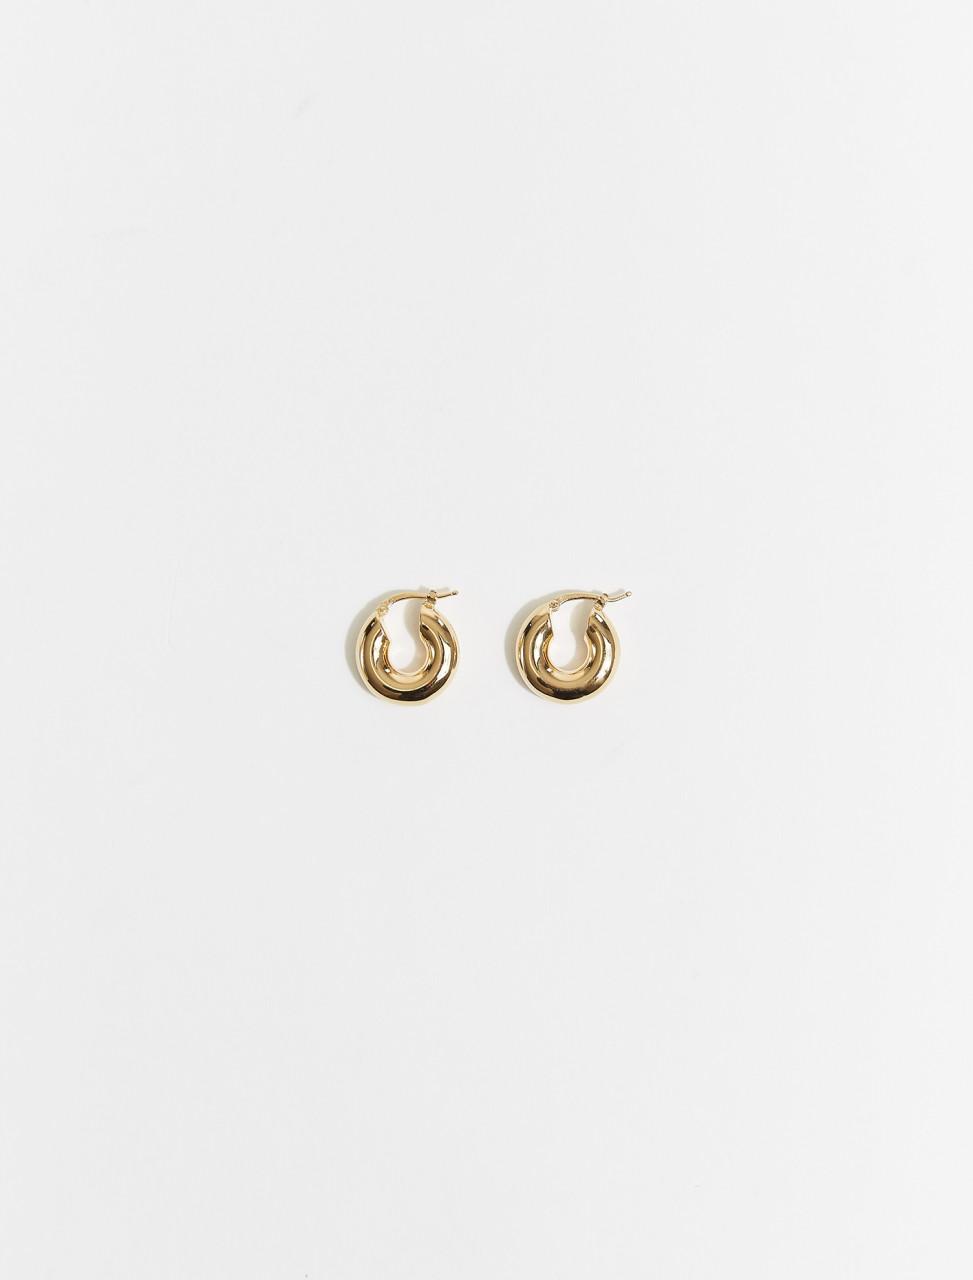 JSWS837312-WSS84002-710 JIL SANDER CLASSIC ROUND EARRINGS IN GOLD